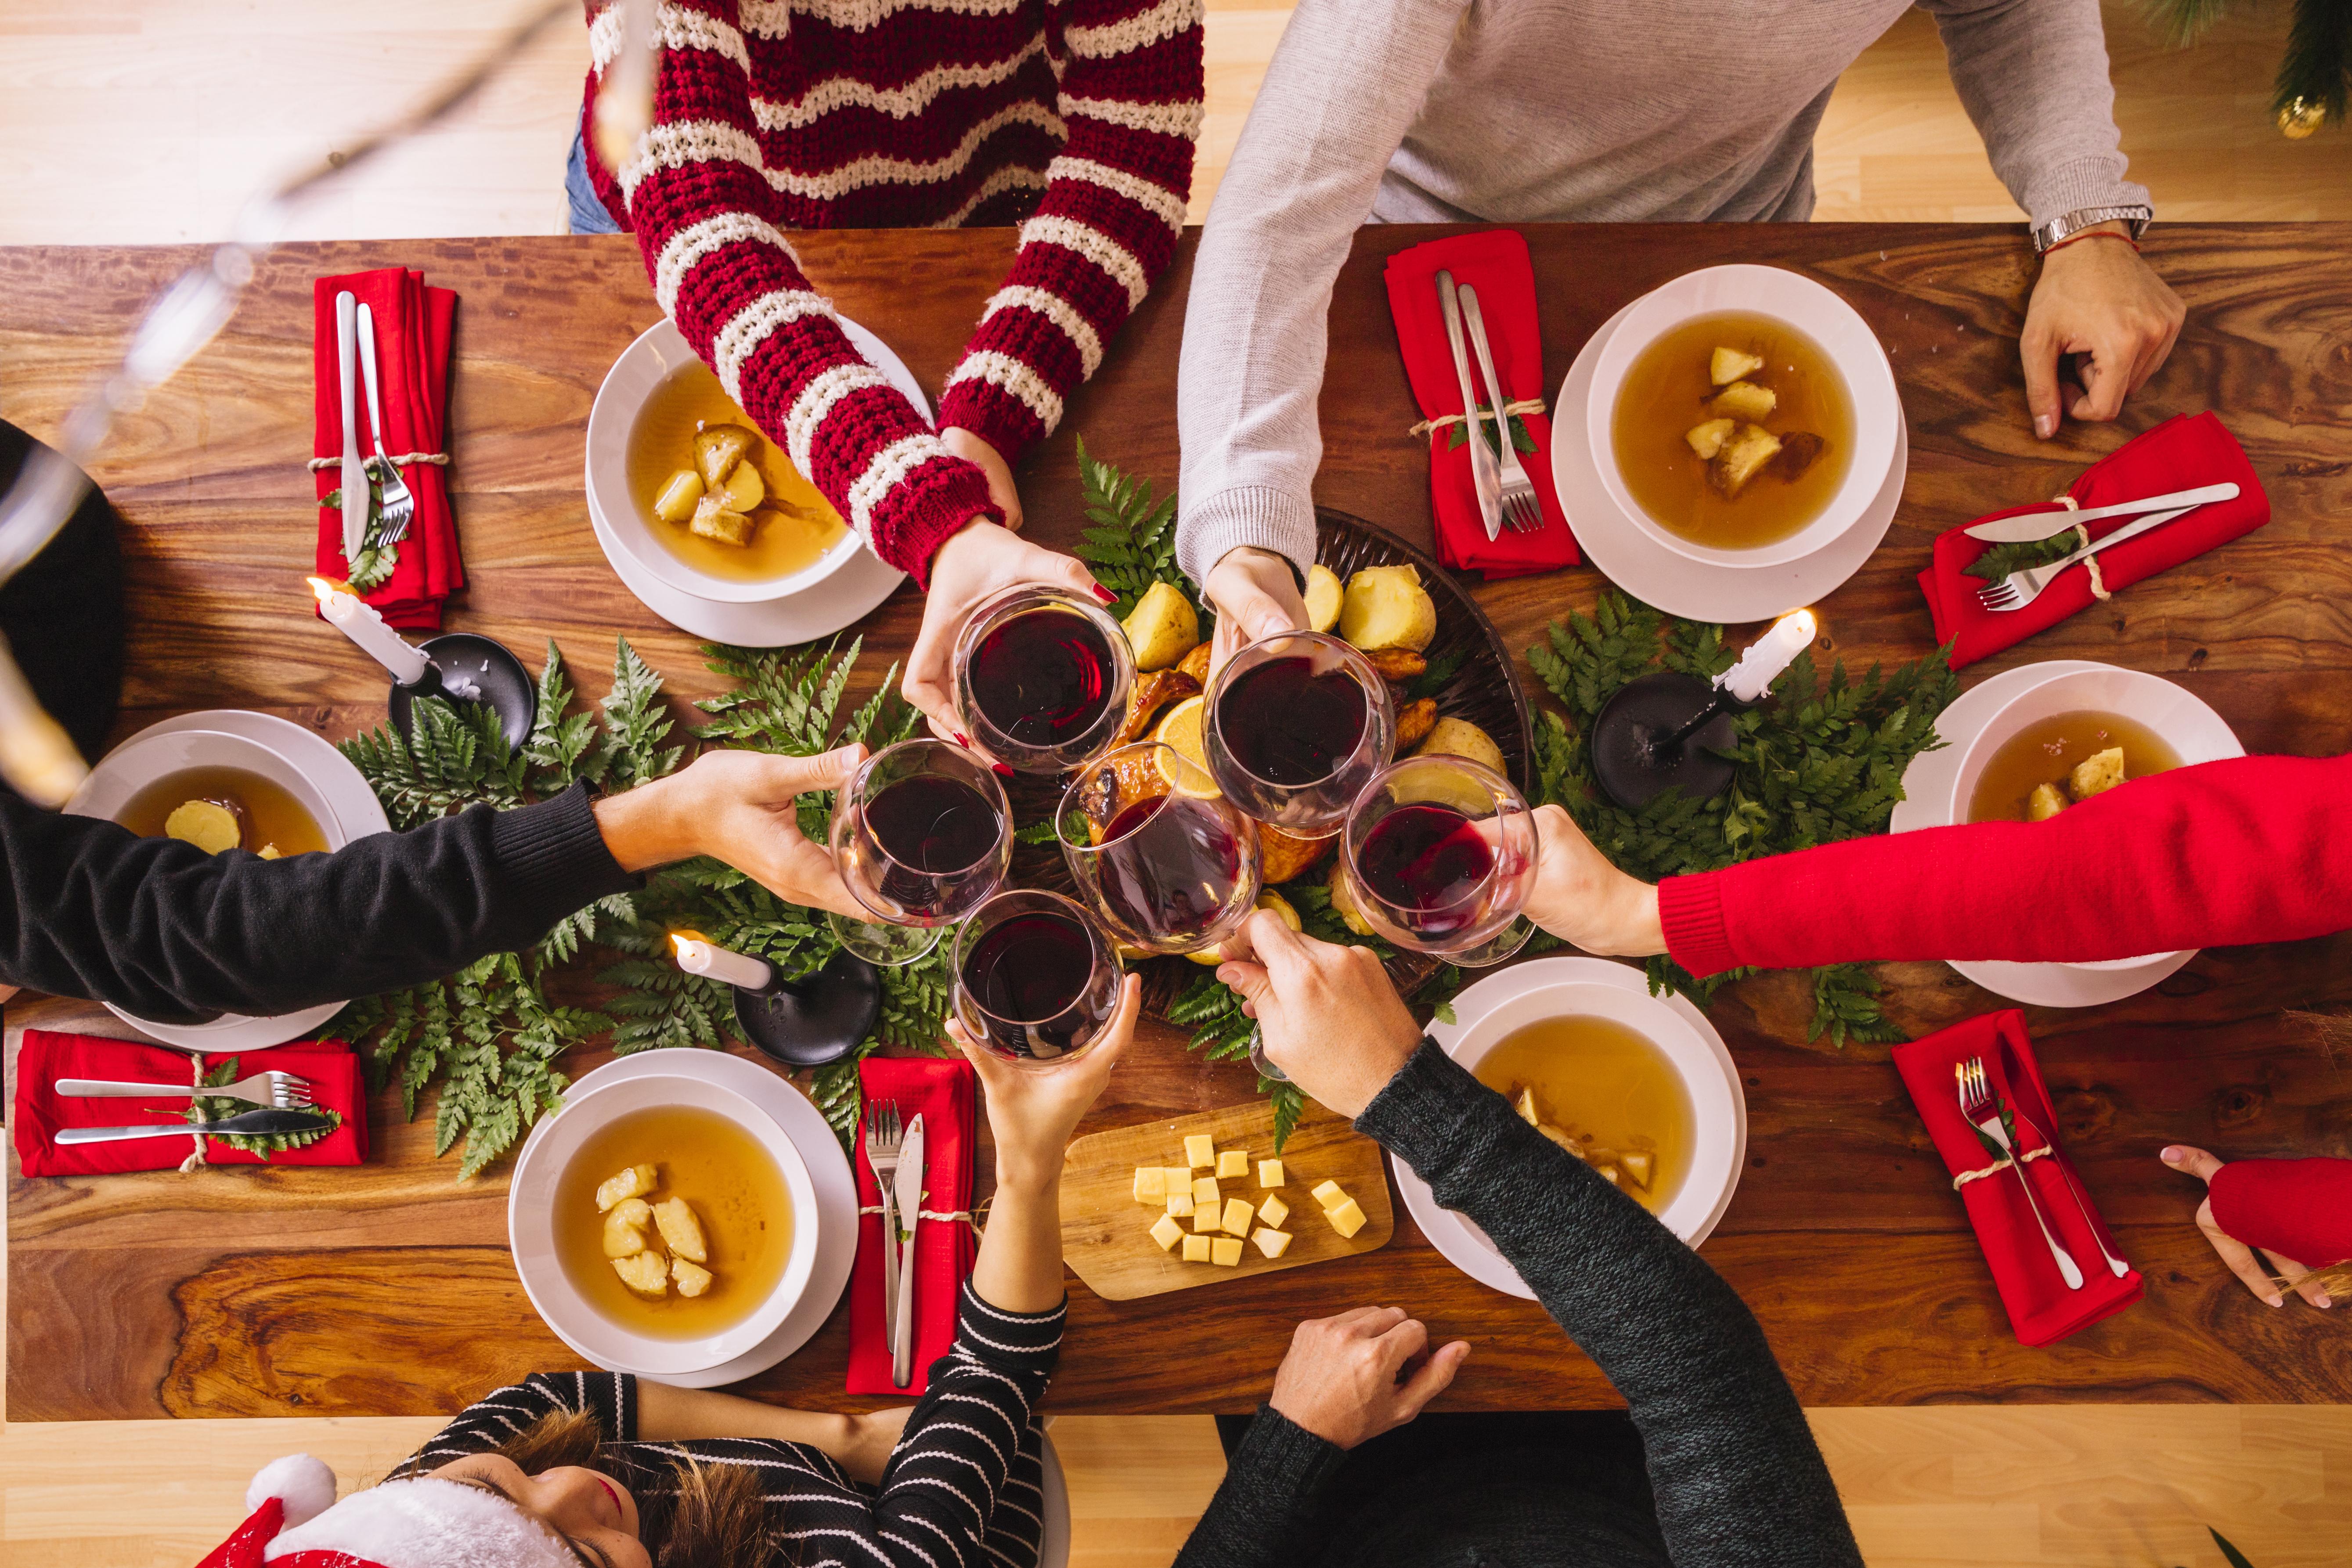 Antipasti Di Natale Toscani.Pranzo Di Natale A Firenze Ricette Tipiche E Consigli